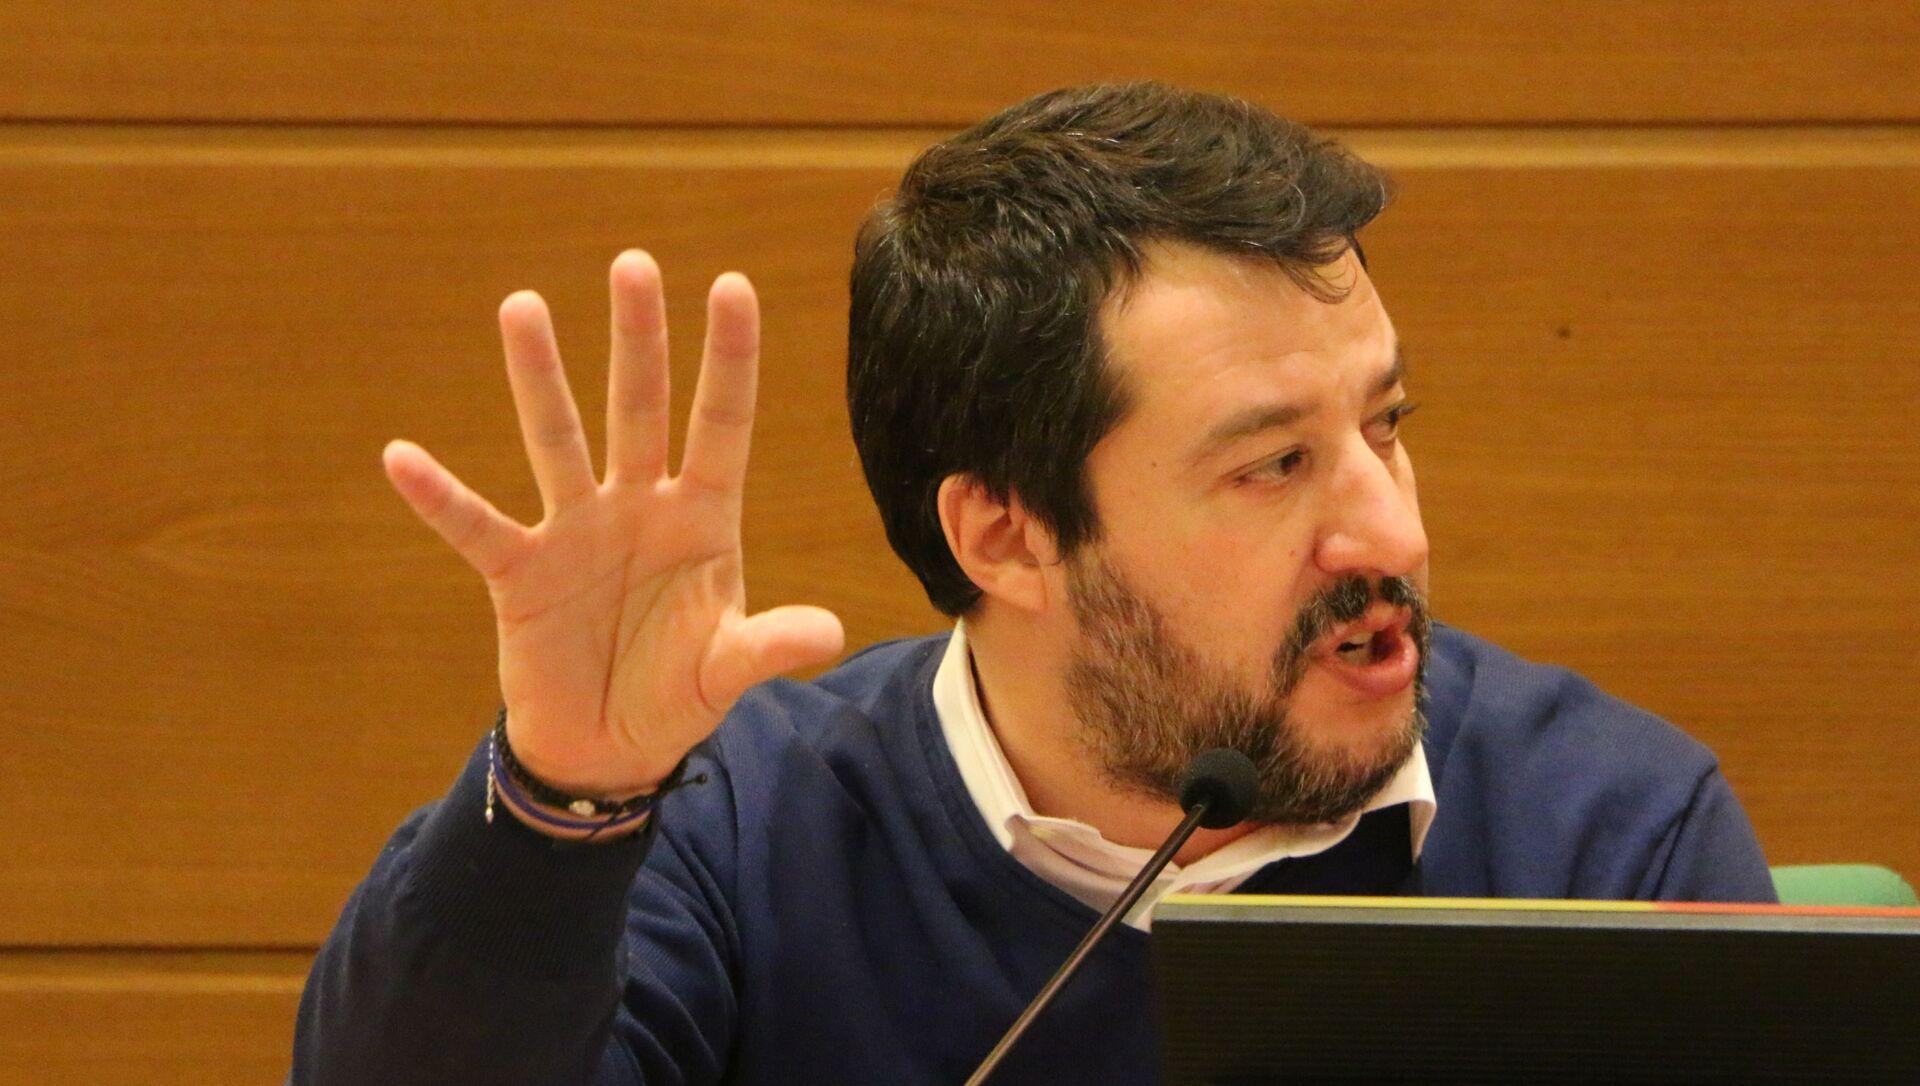 Il segretario della Lega Matteo Salvini alla presentazione del libro di Gennaro Sangiuliano Il nuovo Mao. Xi Jinping e l'ascesa al potere nella Cina di oggi - Sputnik Italia, 1920, 22.02.2021